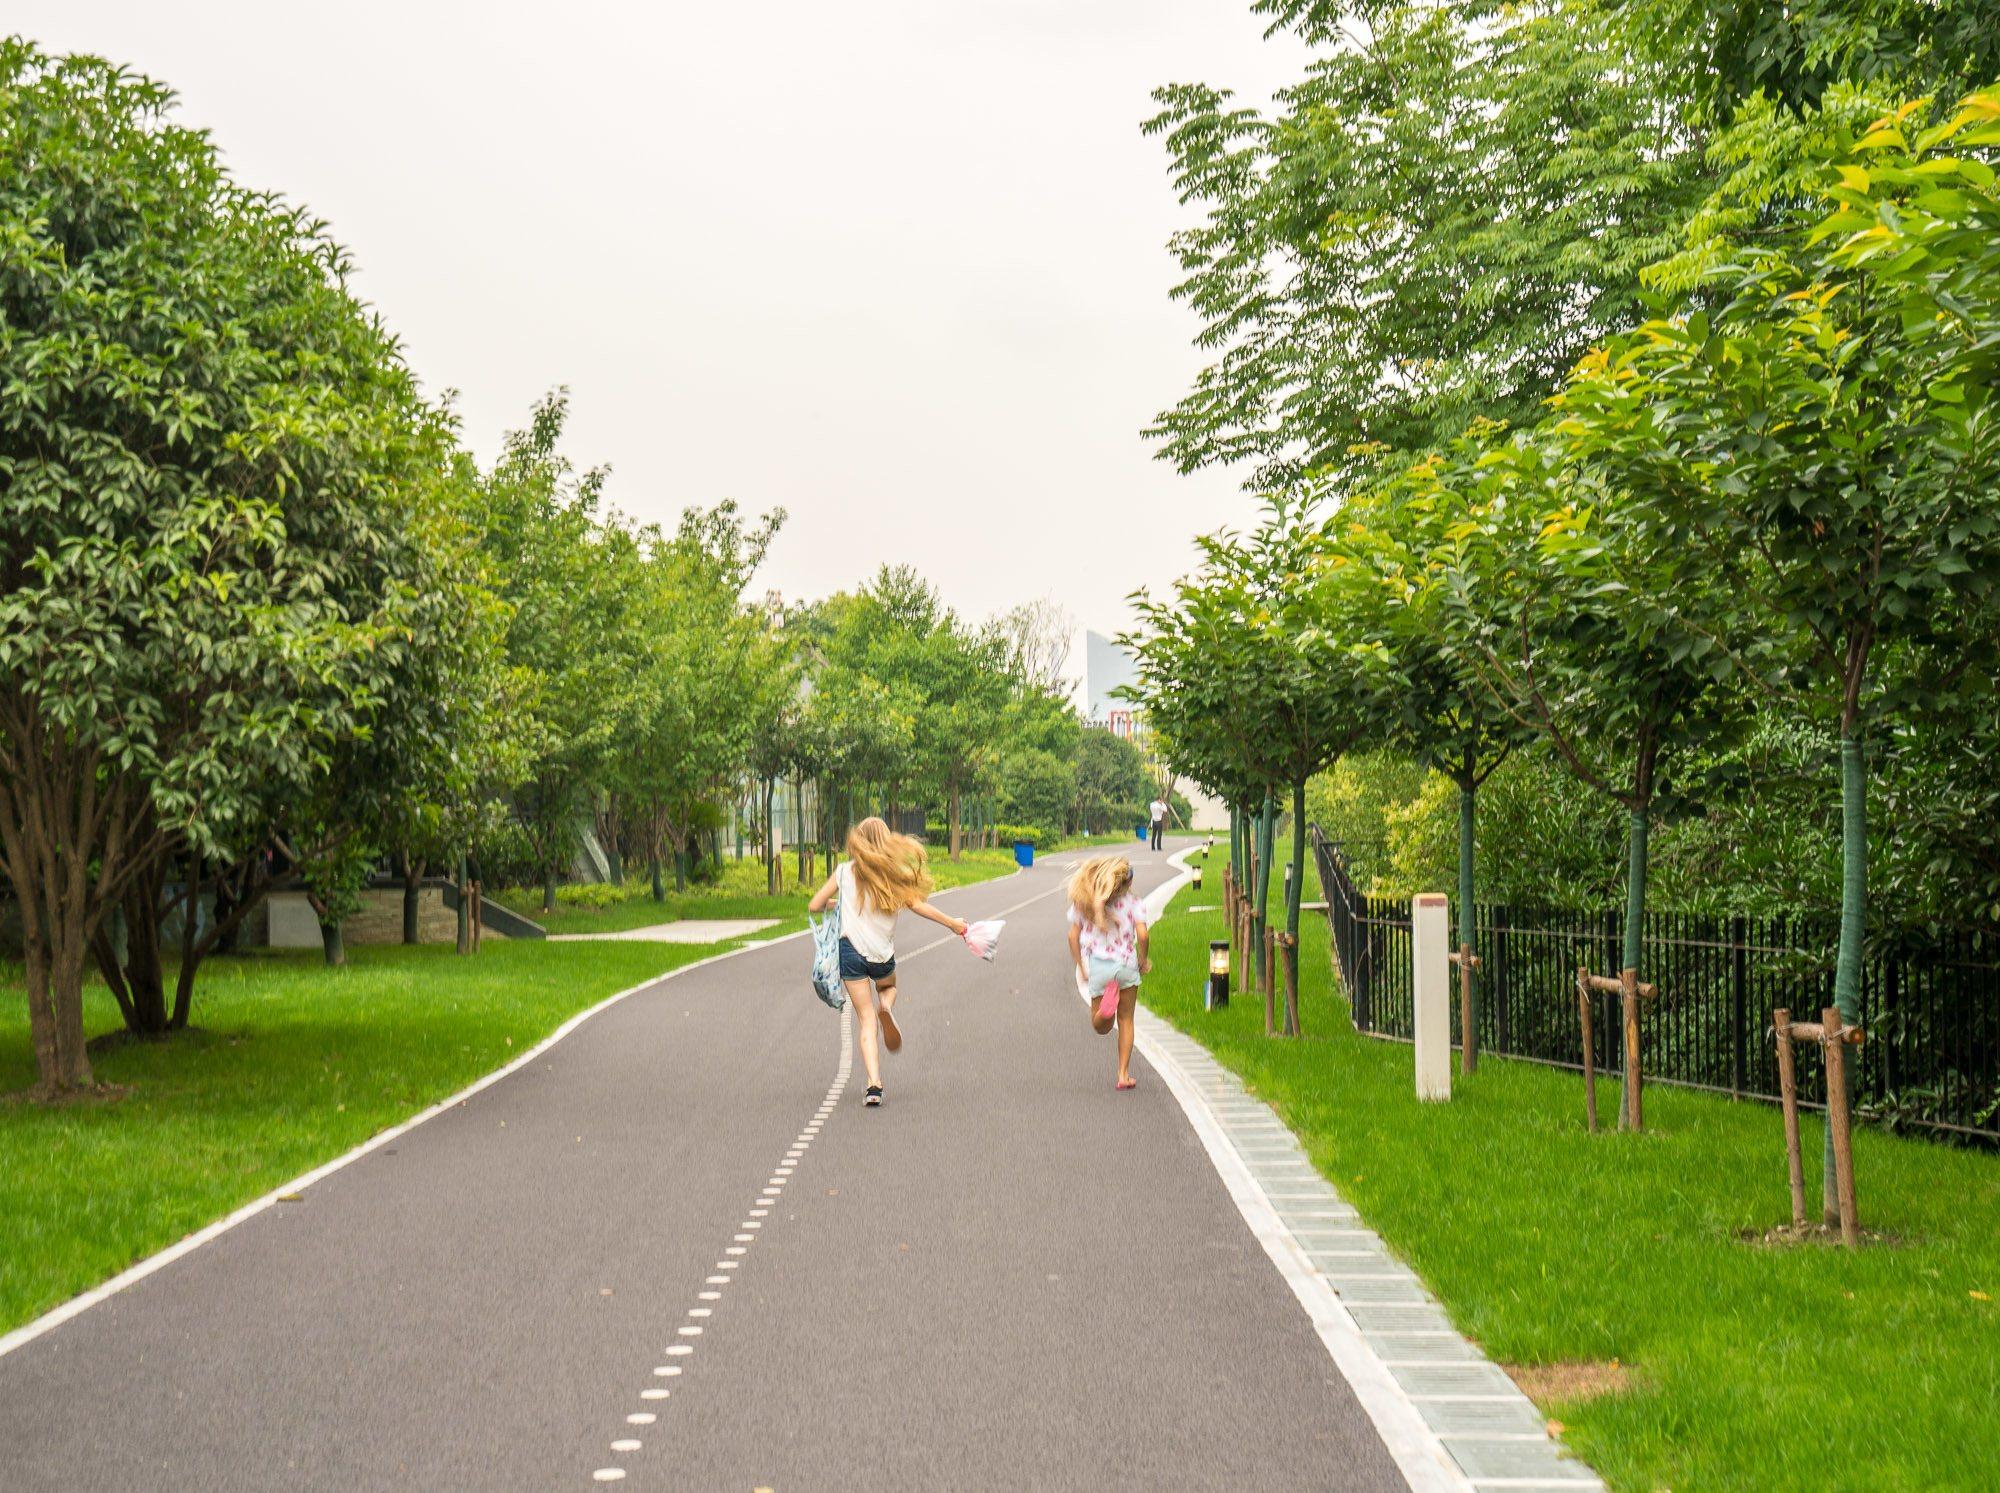 A nice jogging/biking path along the Huangpu River in Shanghai.